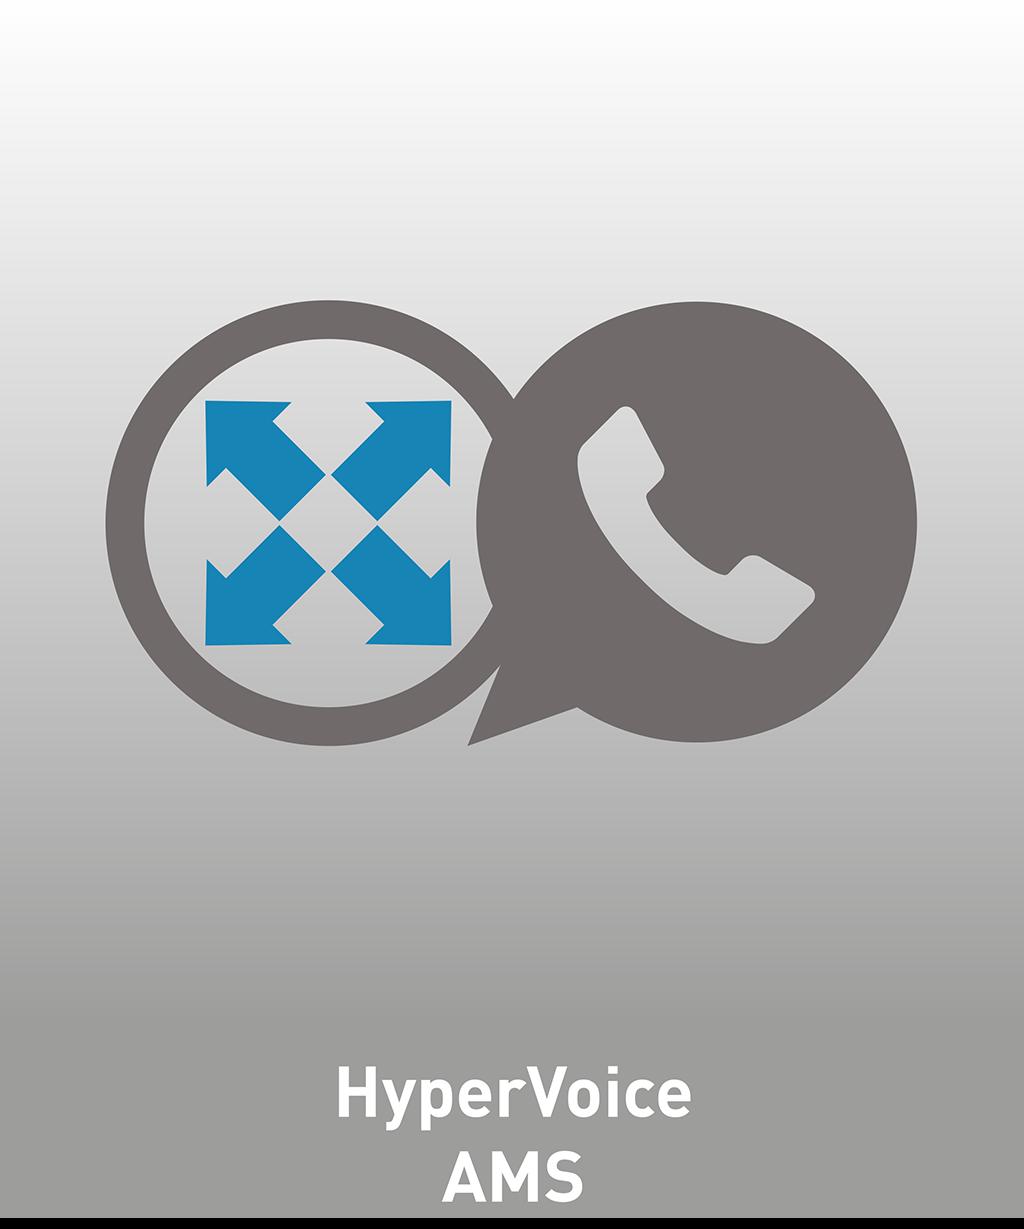 HyperVoice AMS Lizenz